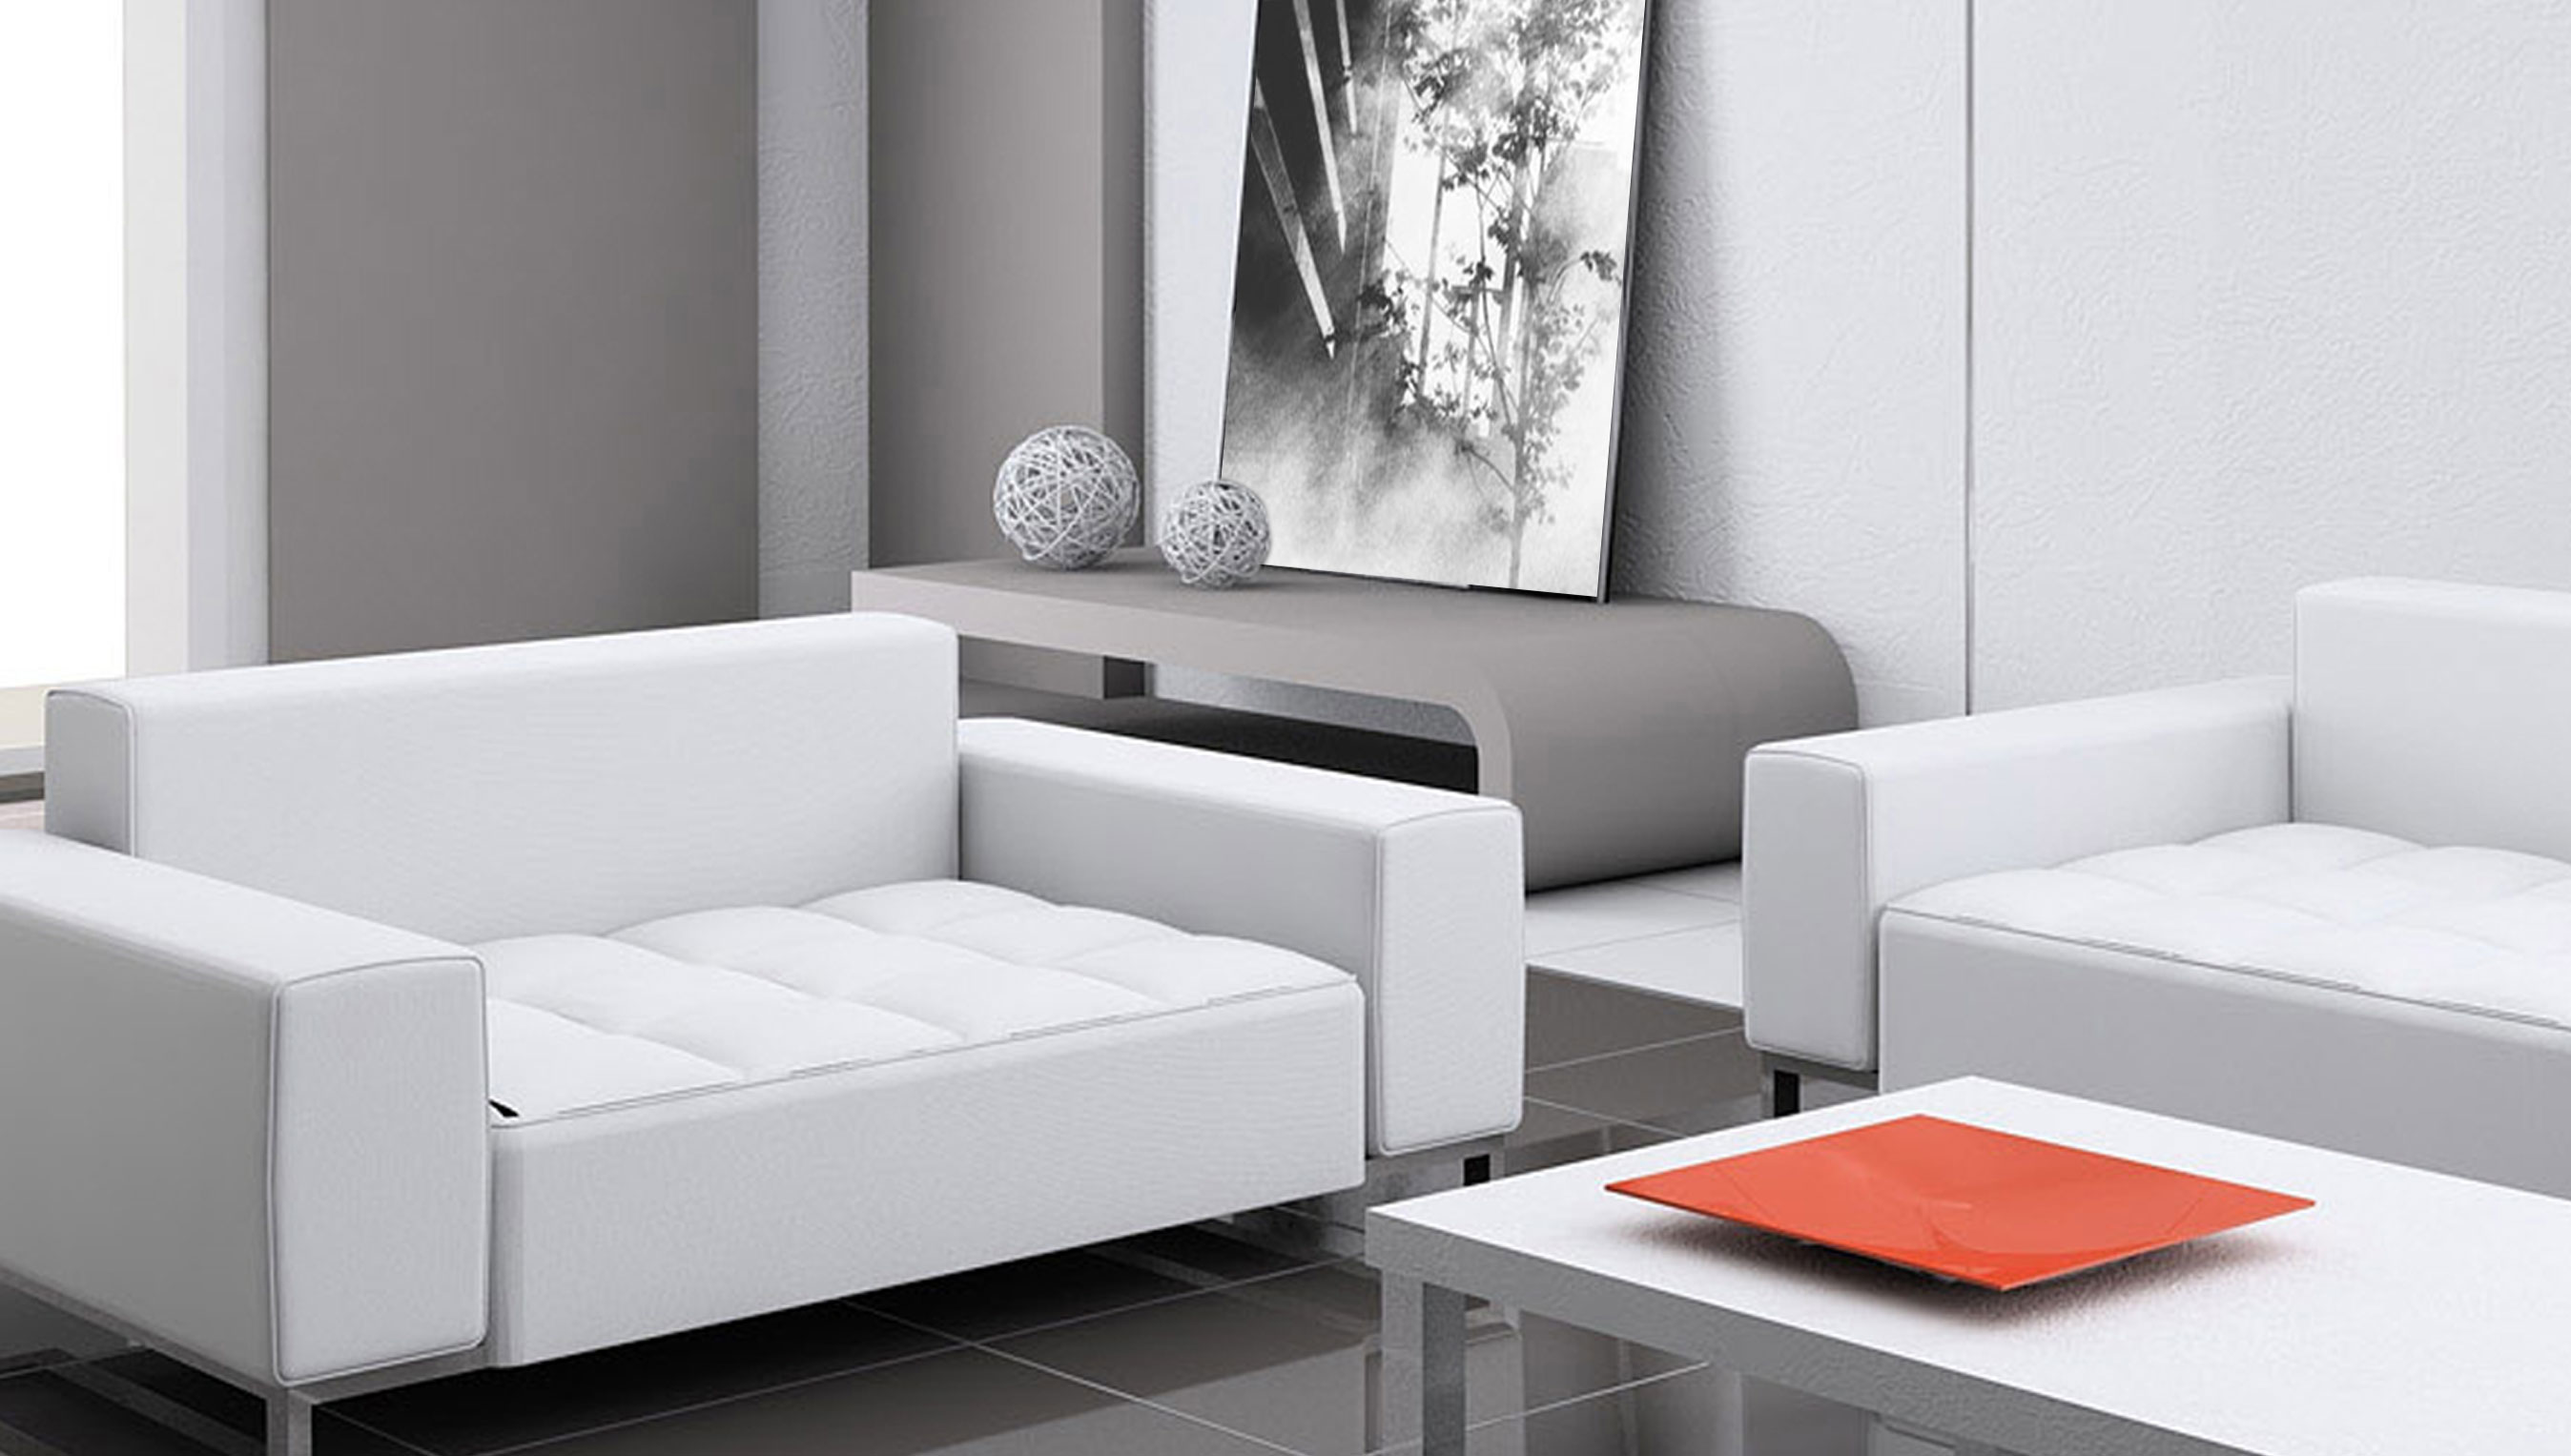 Каталог мебели ценами распродажа